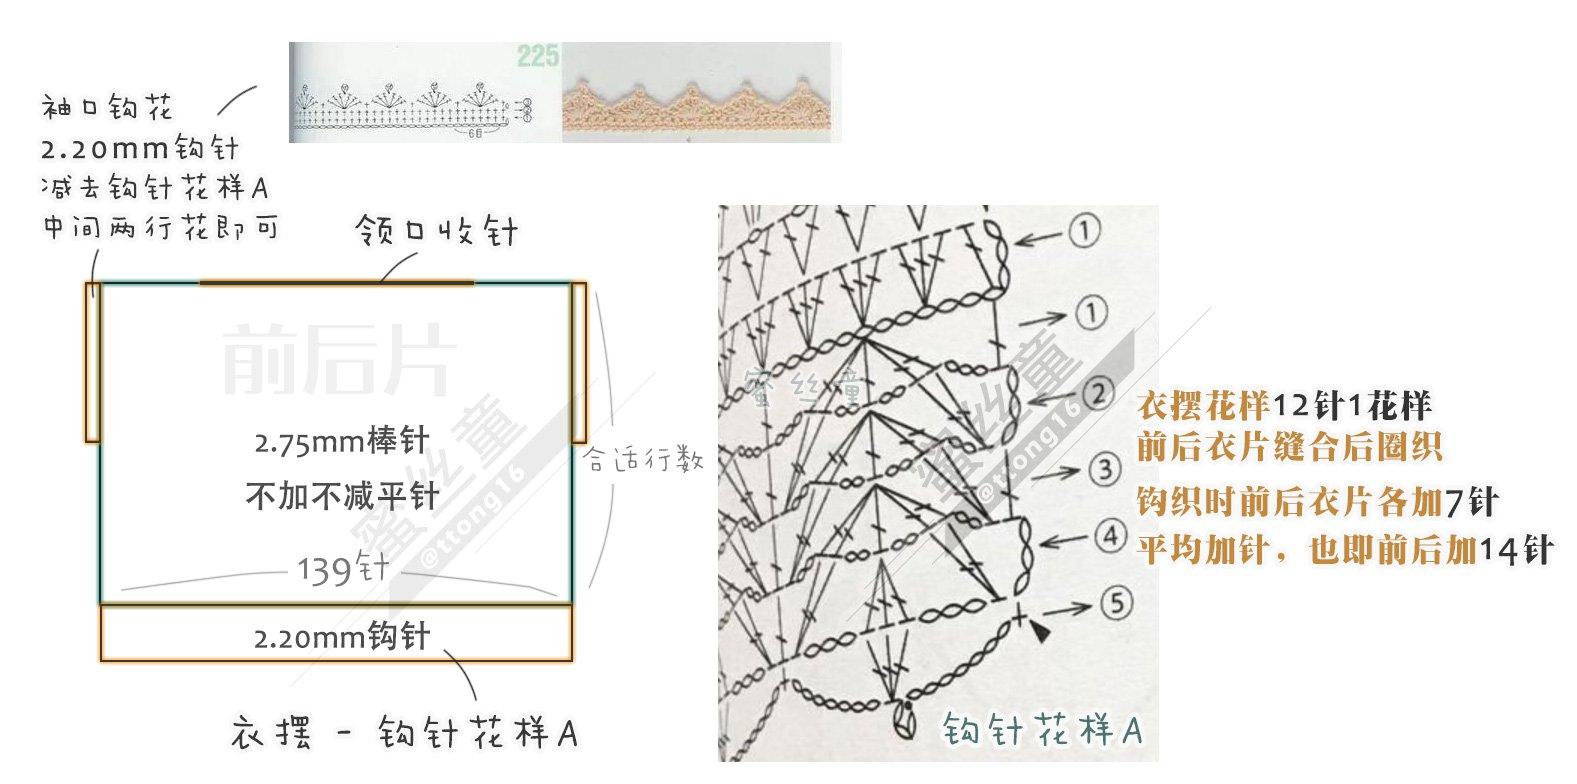 【图解】钩织结合绿色蕾丝棉宽松Tee.jpg